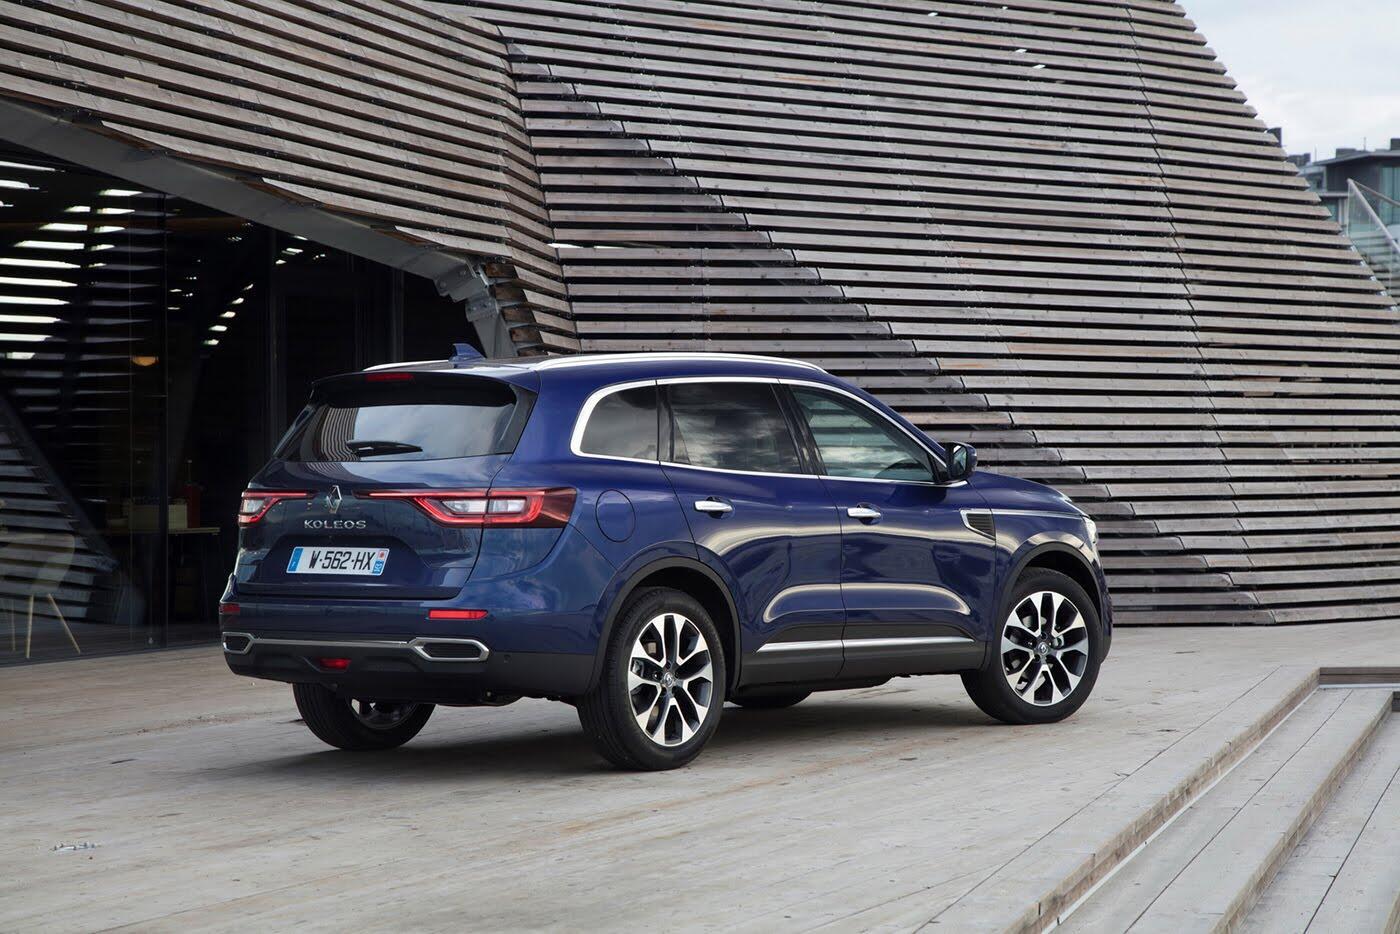 Xem thêm ảnh Renault Koleos 2017 - Hình 11